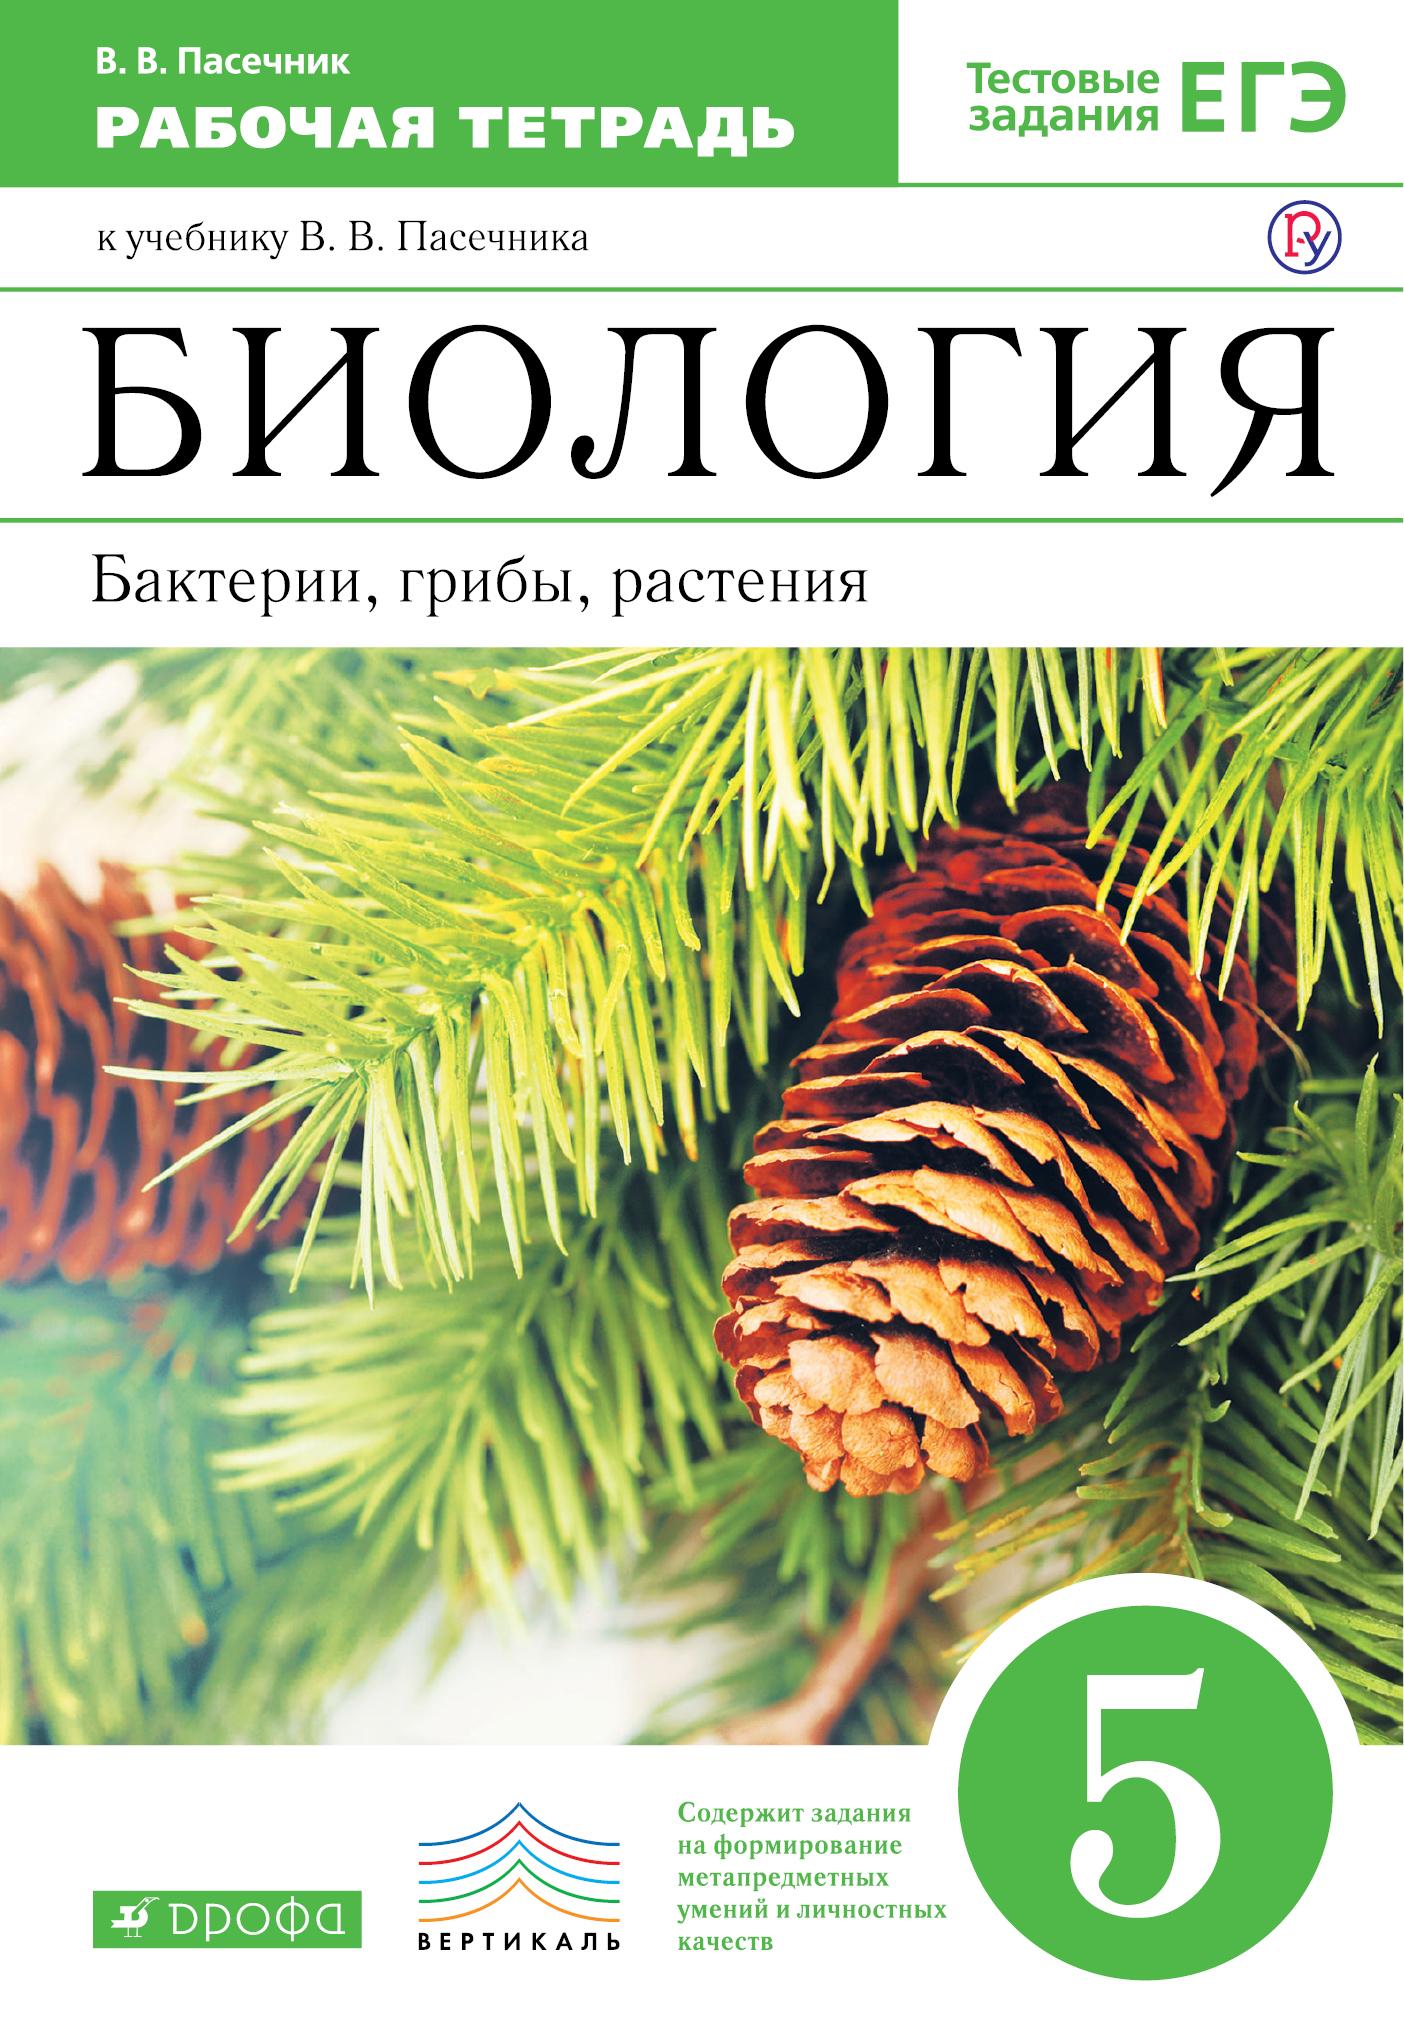 Пасечник В.В. Биология. Бактерии, грибы, растения. 5 класс. Рабочая тетрадь. ВЕРТИКАЛЬ